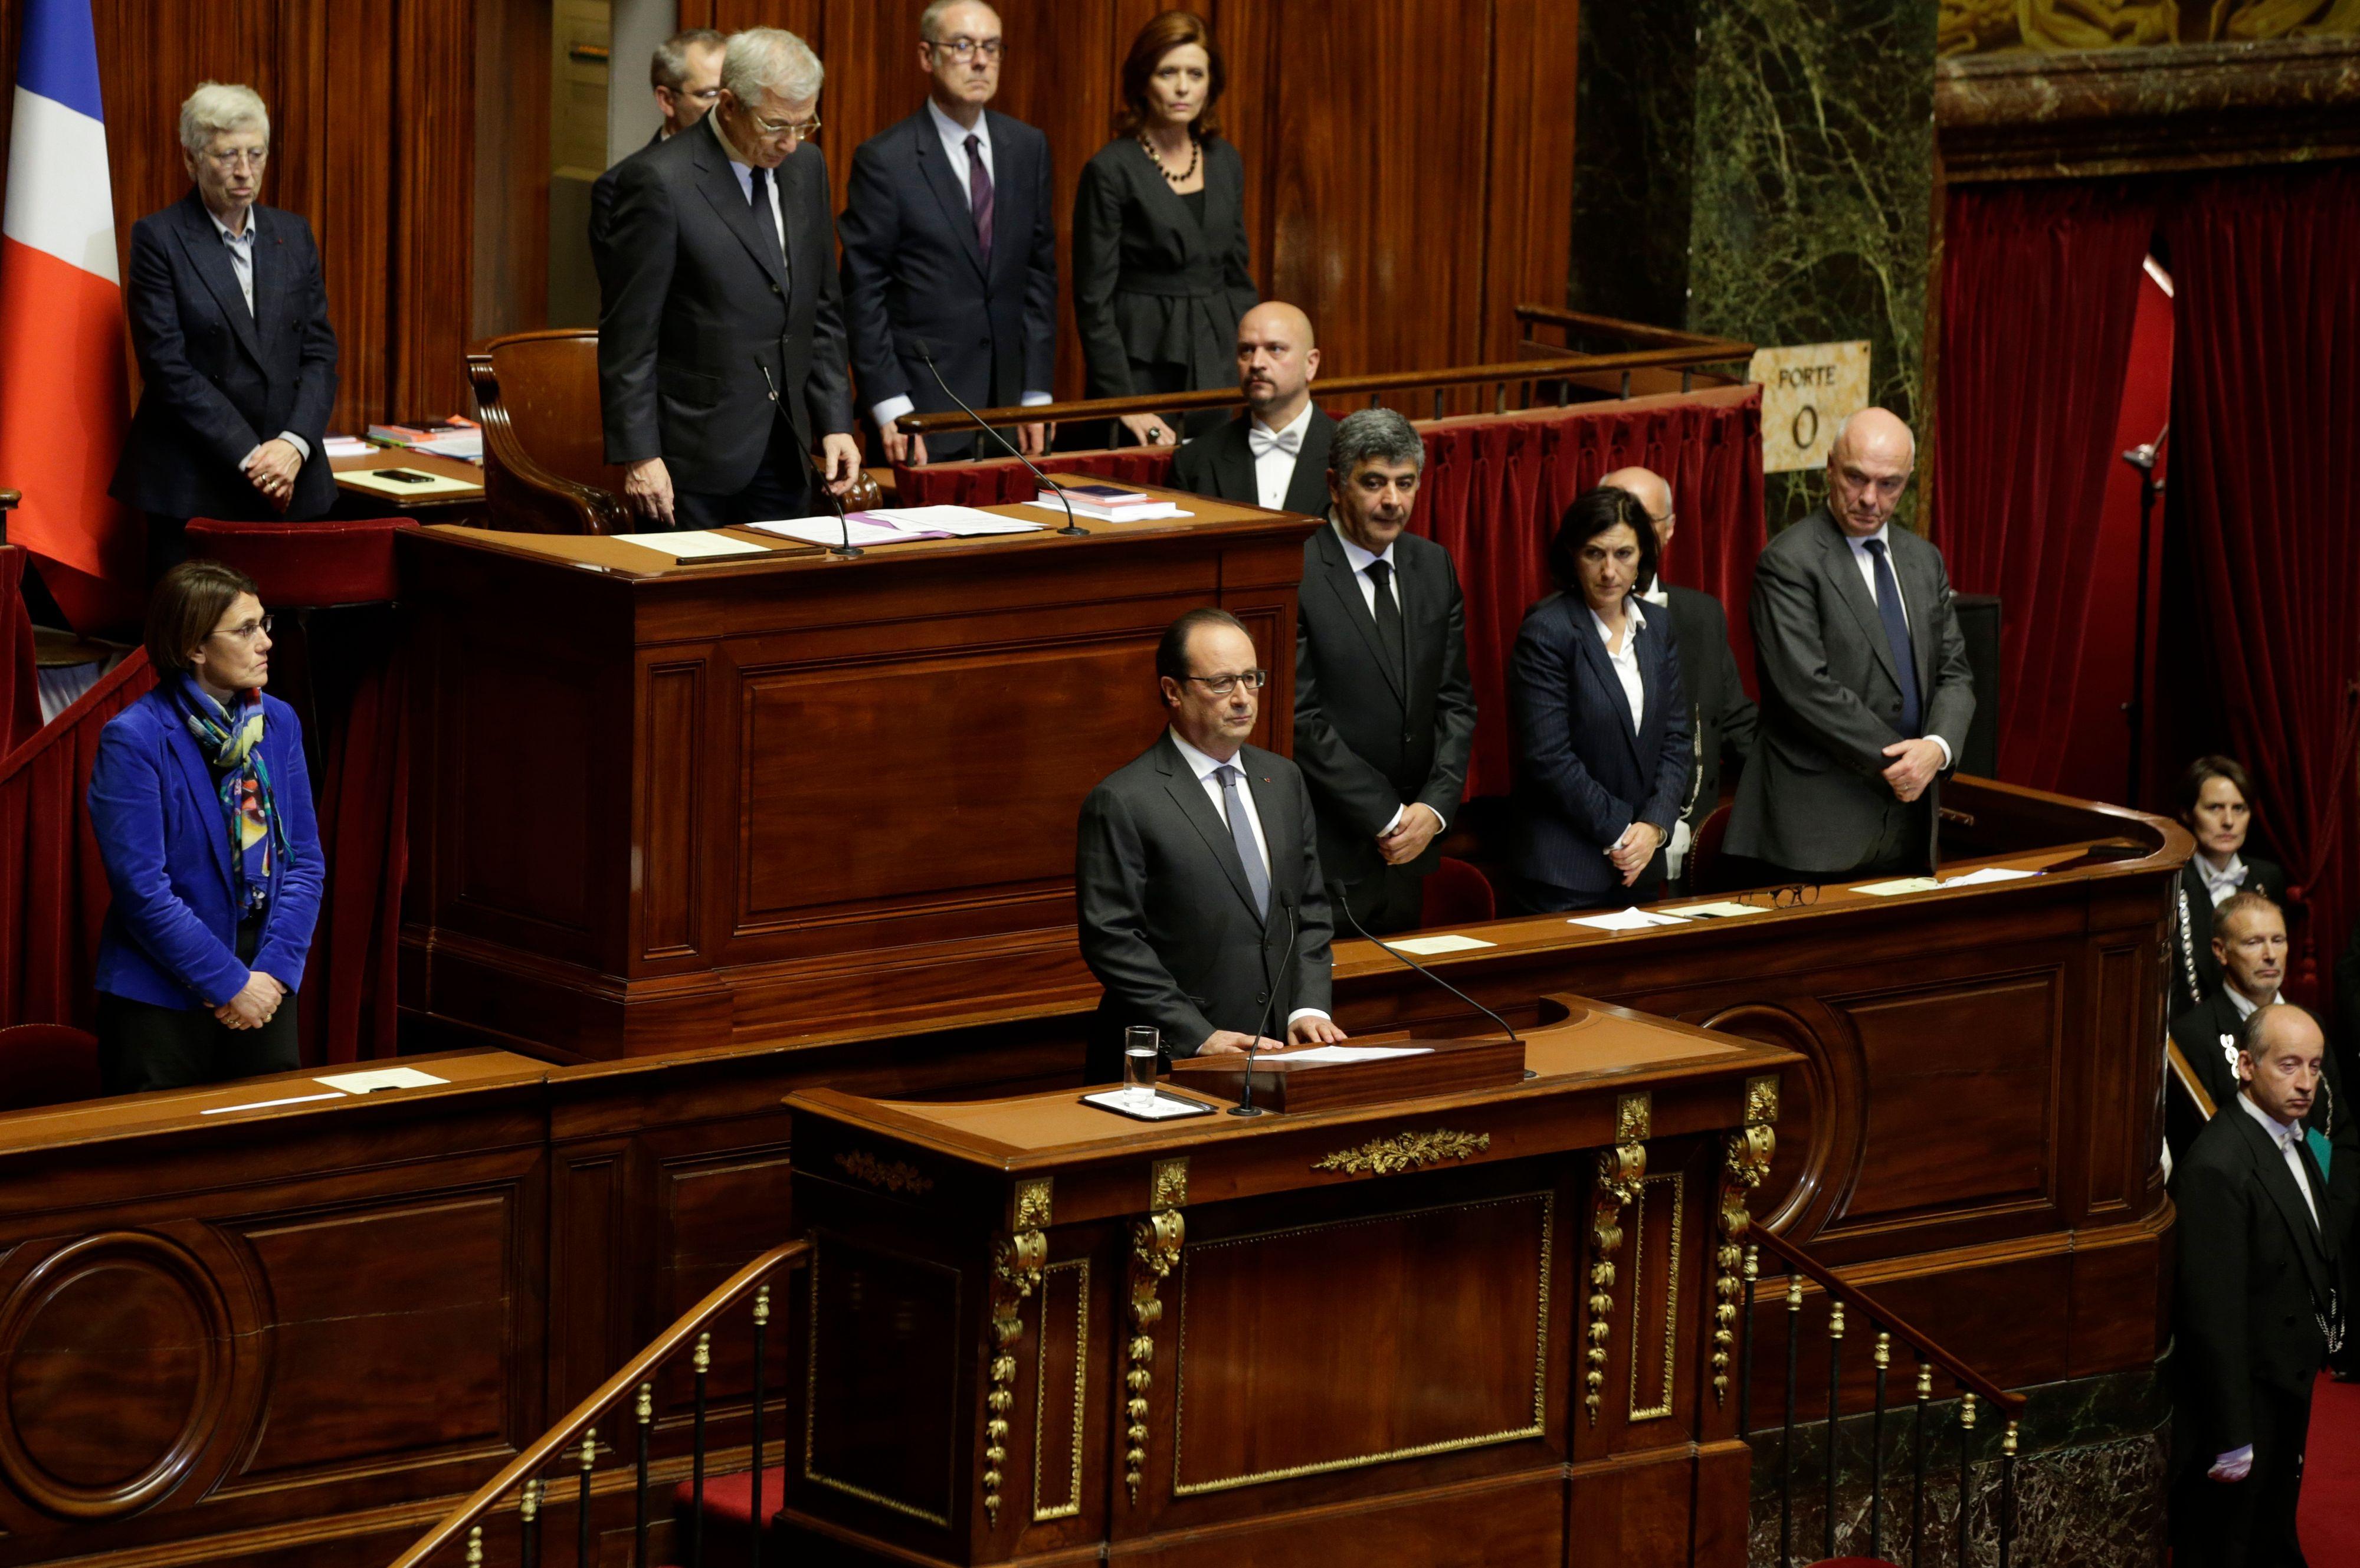 """""""Aucun des régimes offert par la constitution ne correspond à la situation que nous vivons"""" a déclaré François Hollande devant le congrès."""